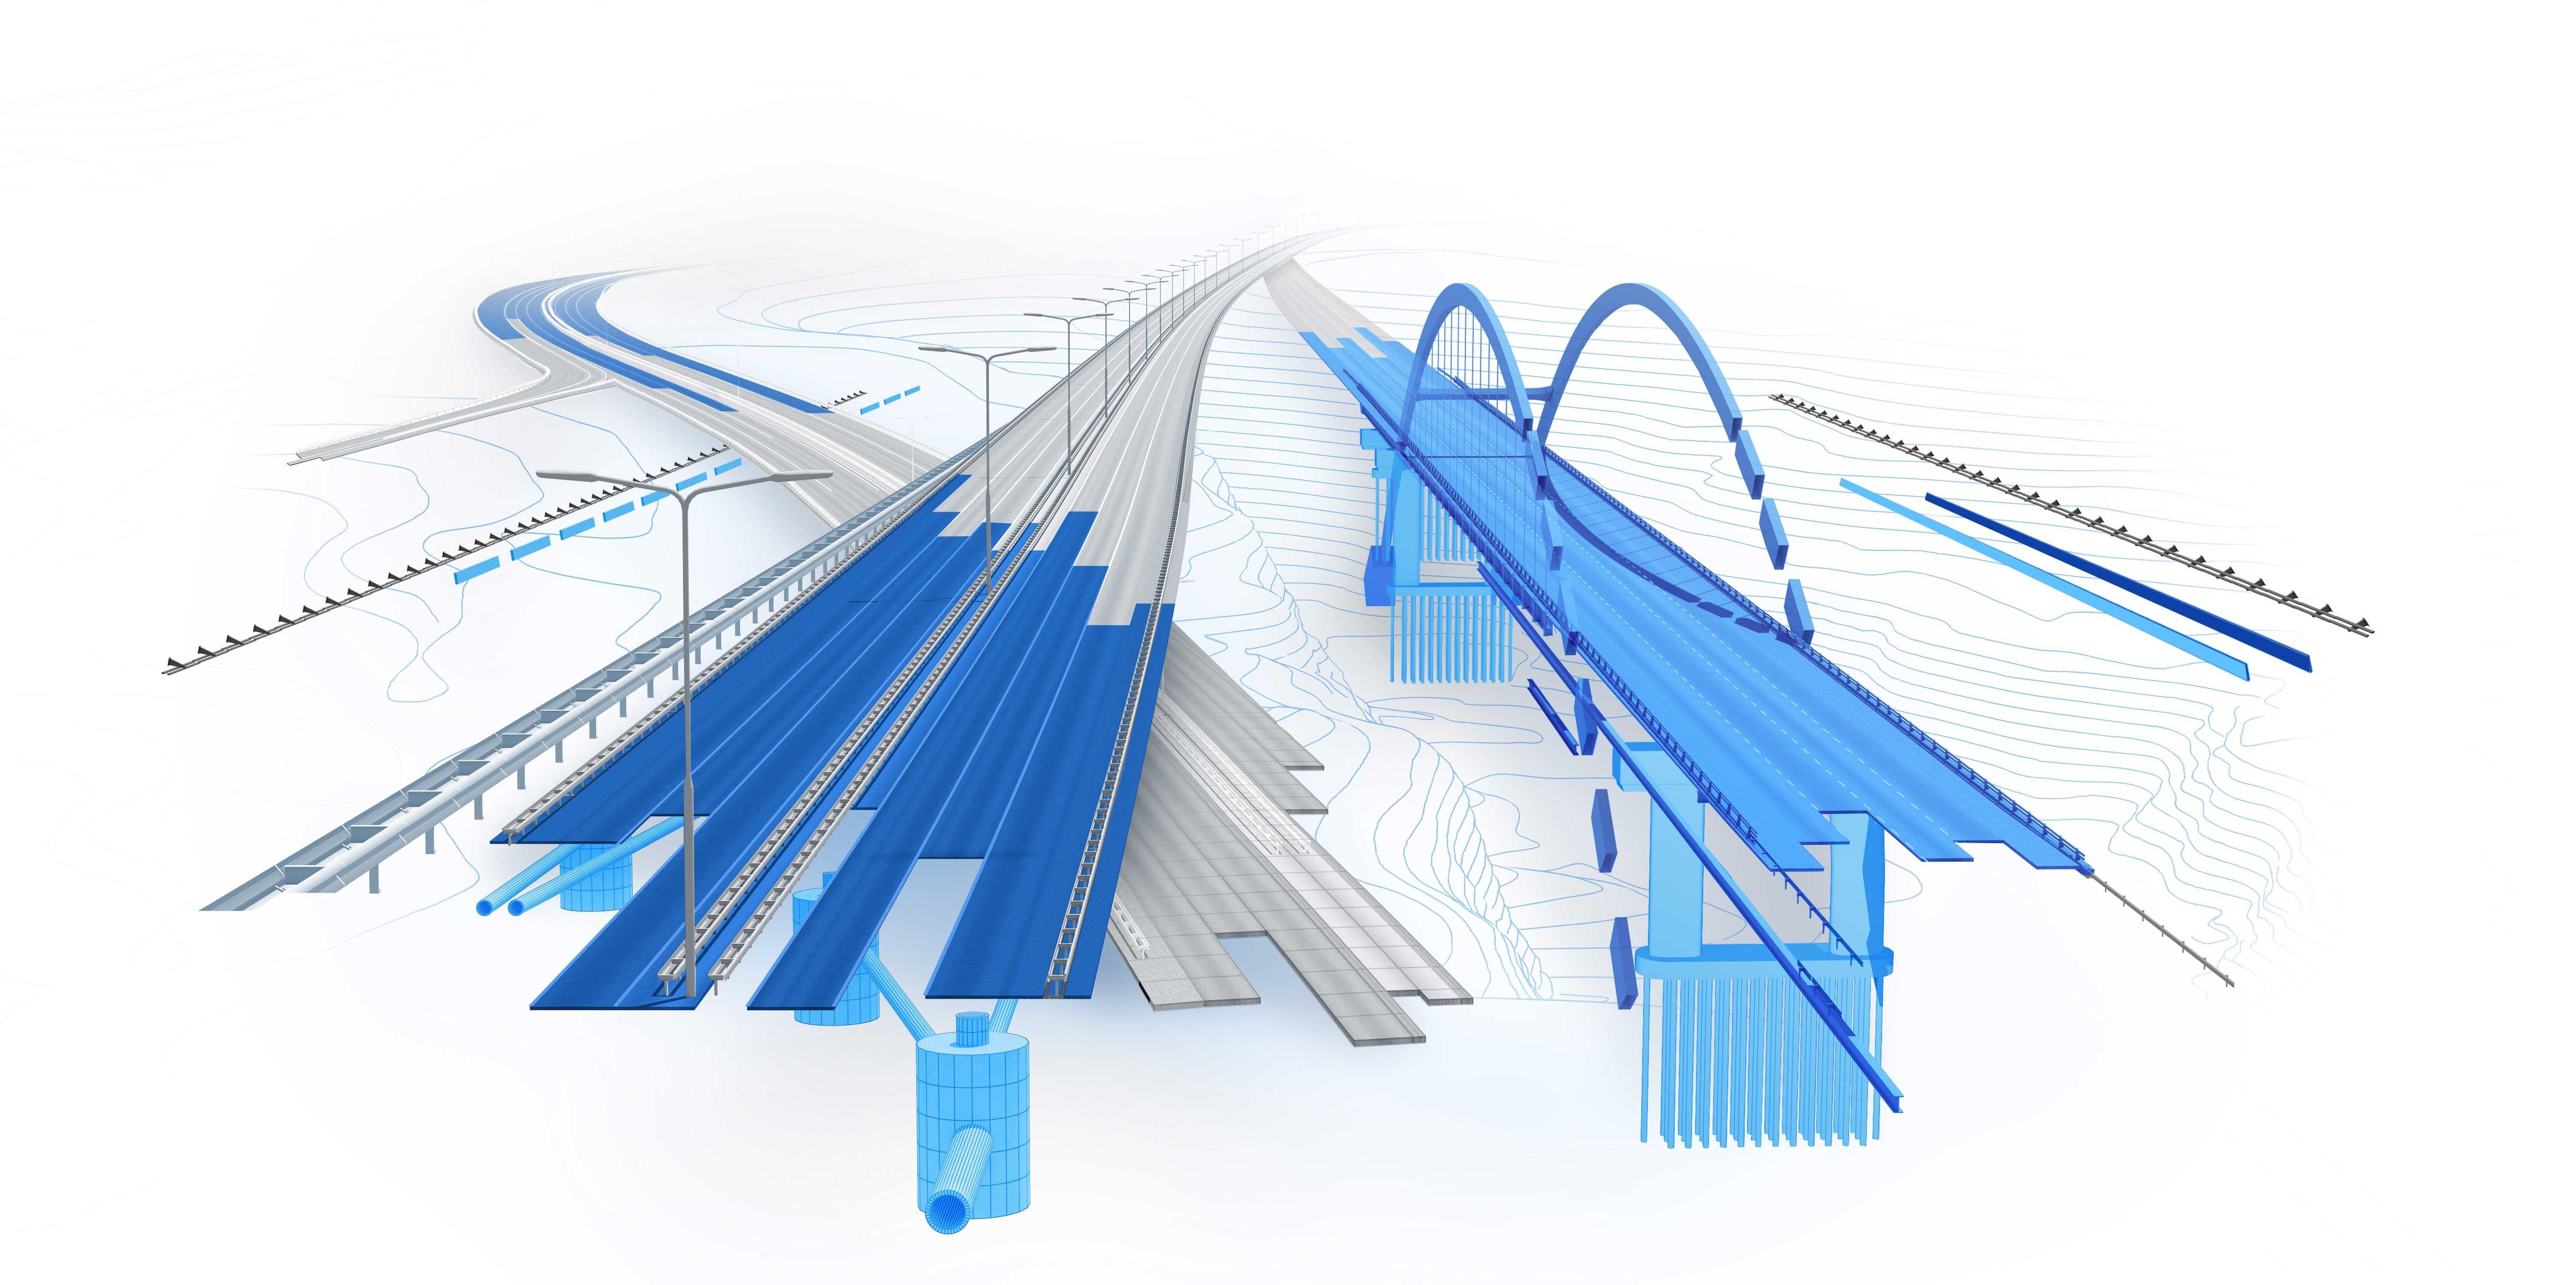 橋や道路の土木インフラ設計の 3D イメージ